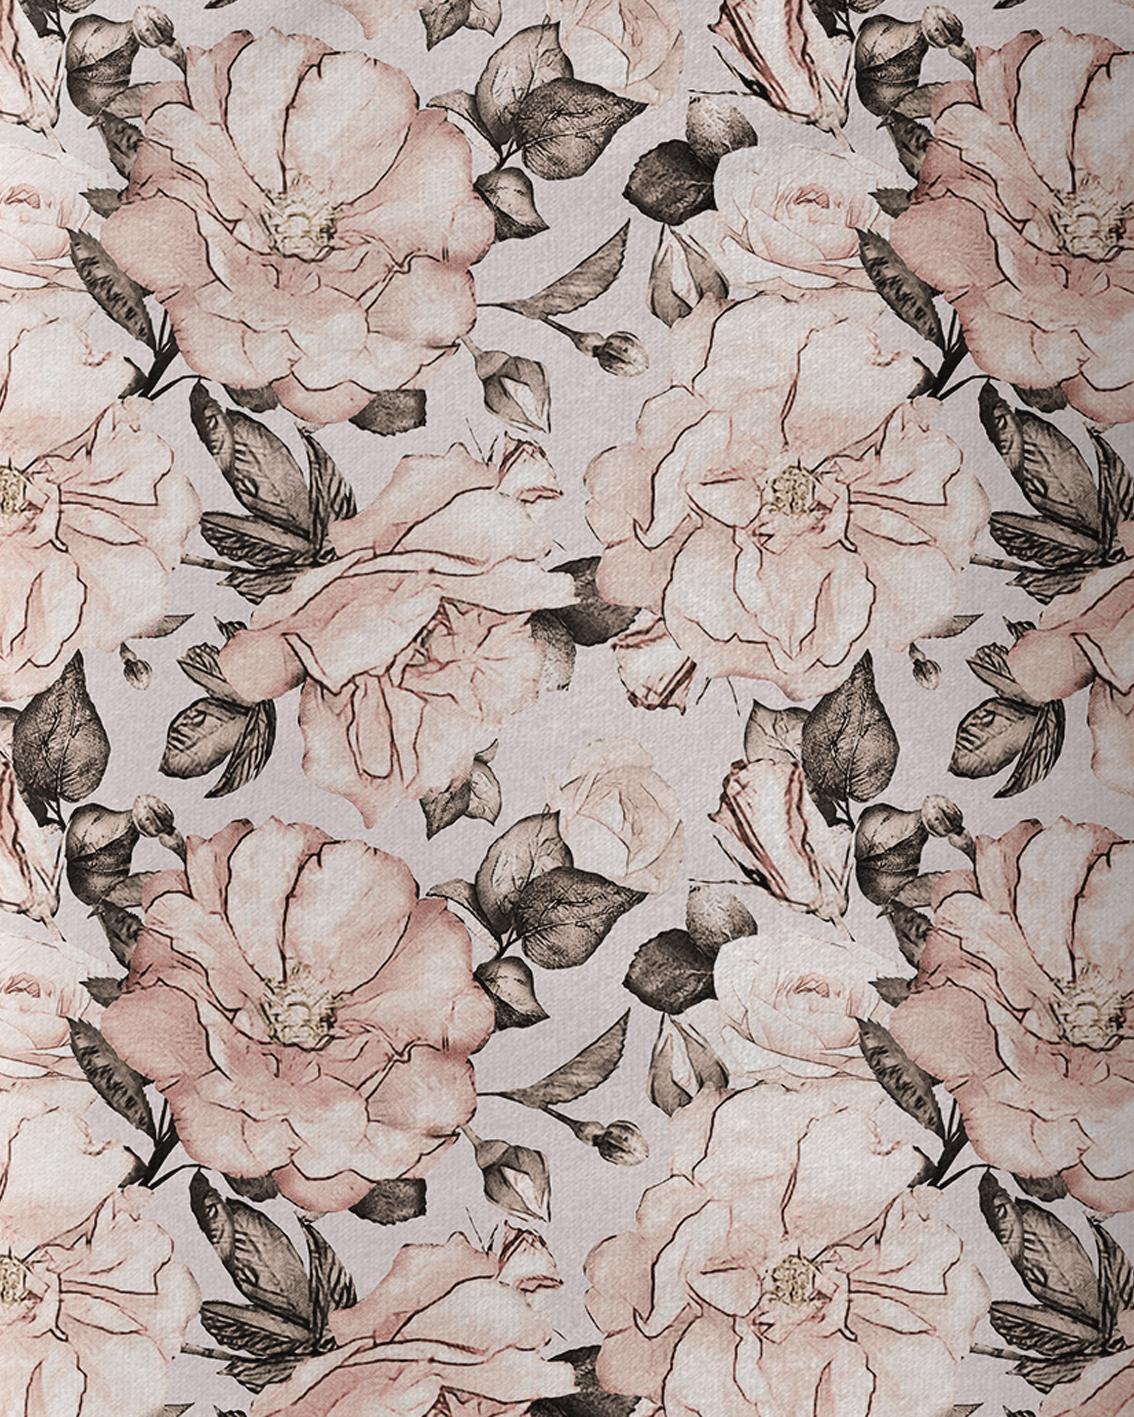 Tkanina bawełniana typu dresówka gramatura 240 g. Wzór kwiatowy petunia. Druk sublimacyjny.